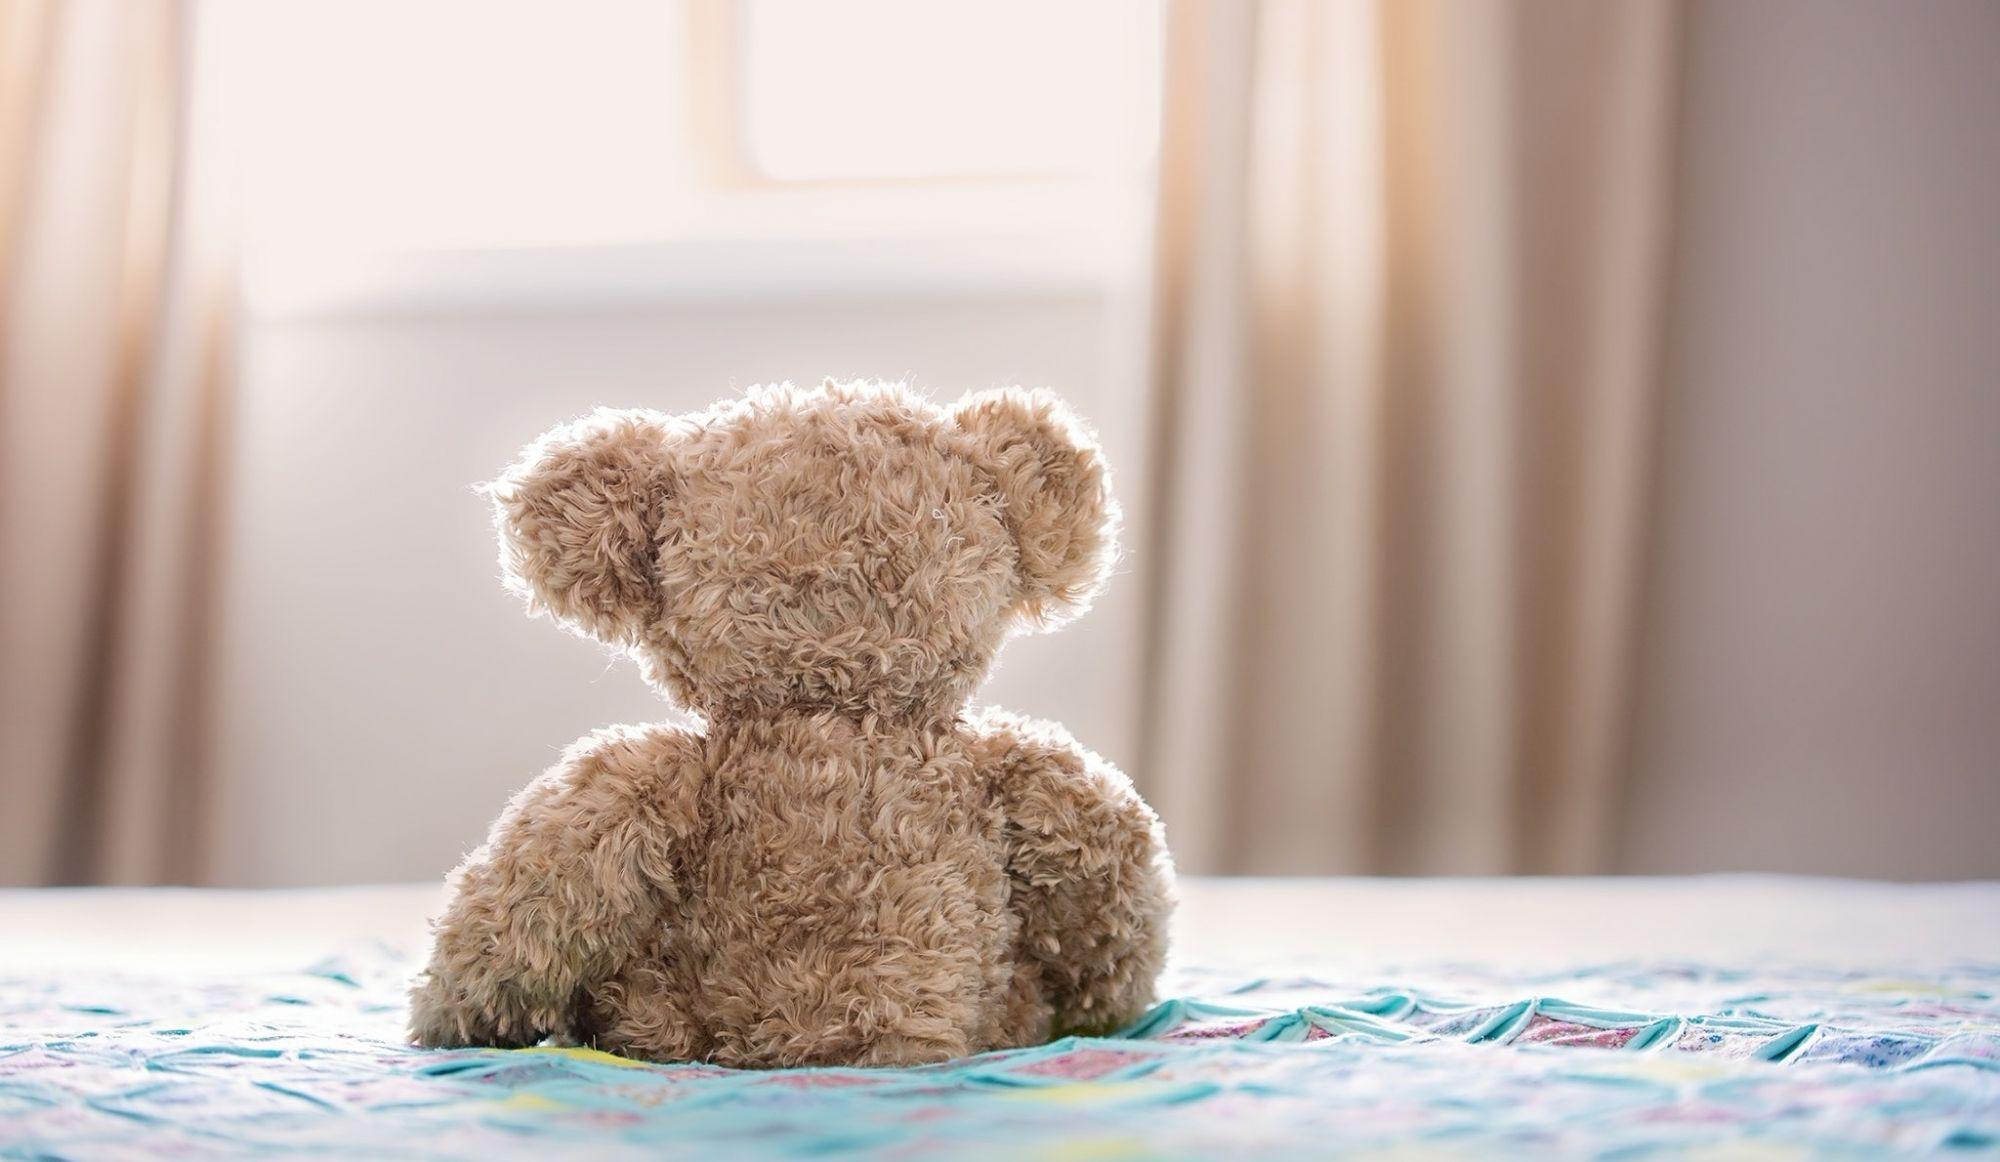 Bambin de 23 mois décédé à Sainte-Justine: une erreur humaine en cause